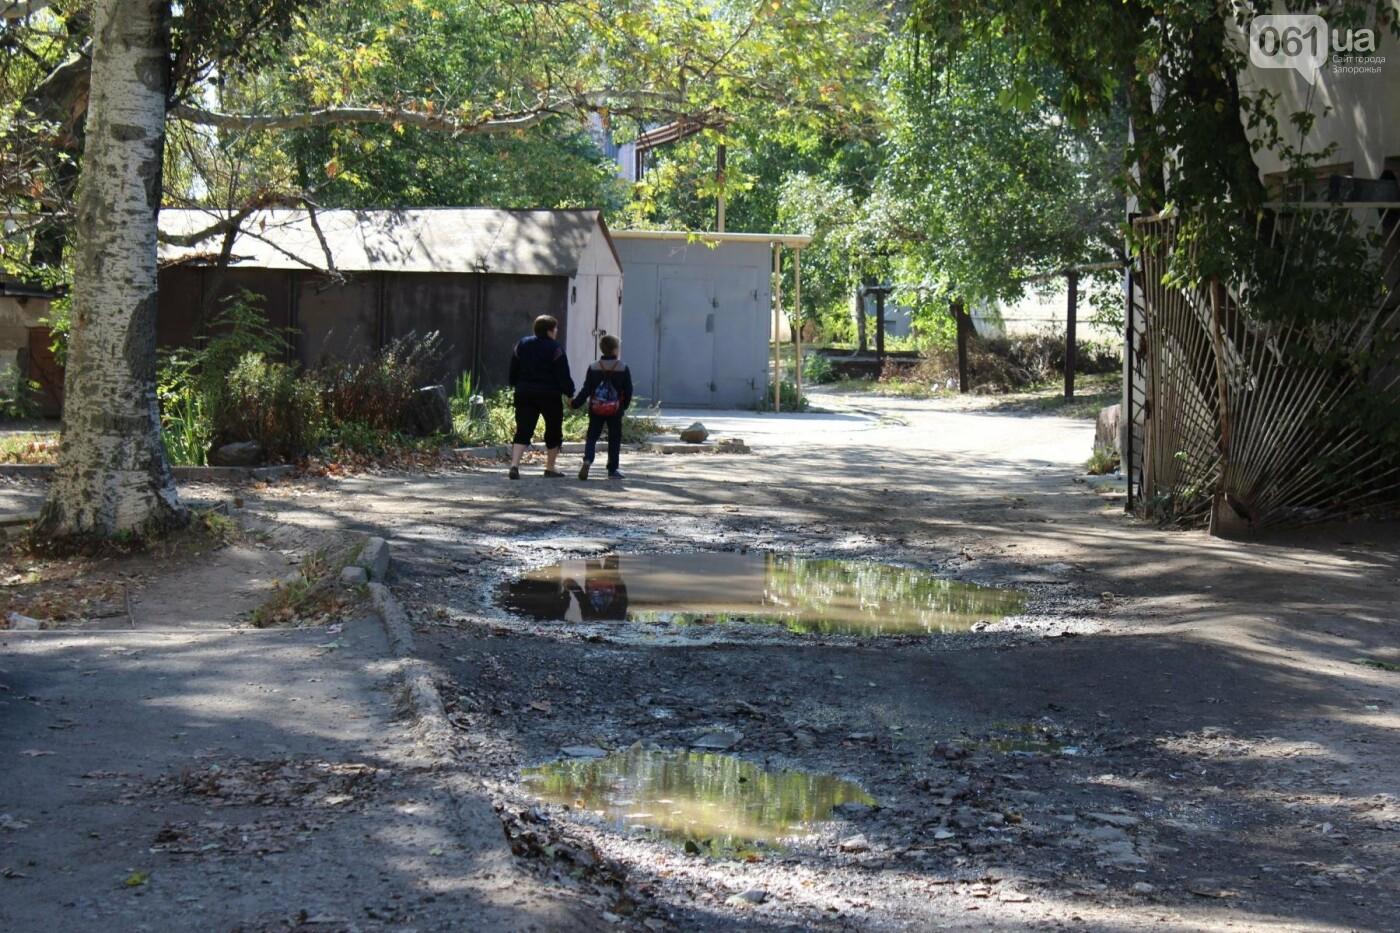 Как там в Токмаке: репортаж из официально депрессивного города, фото-45